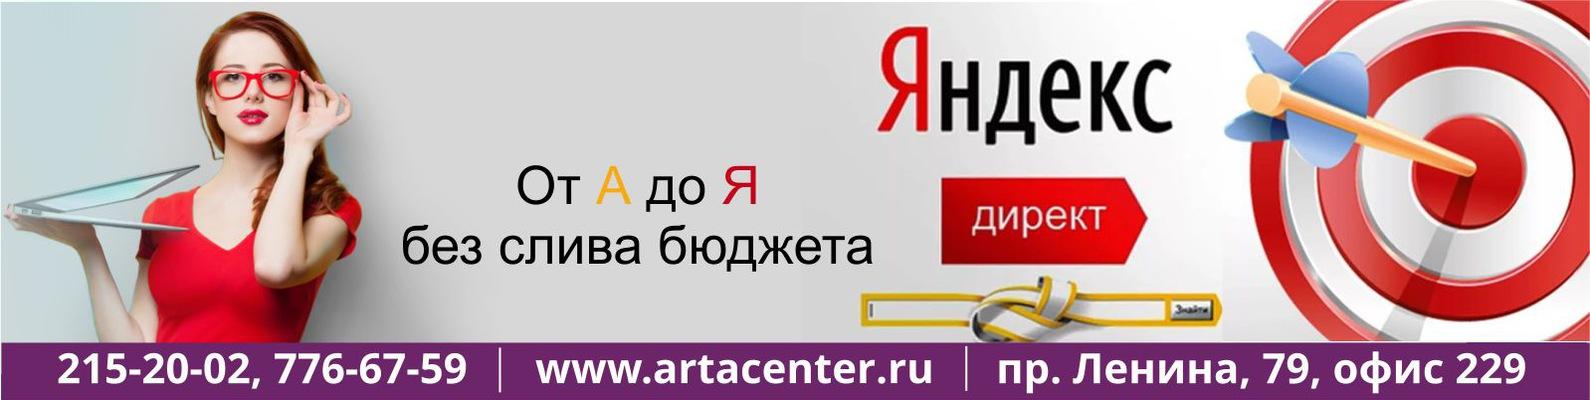 Яндекс школа контекстной рекламы яндекс